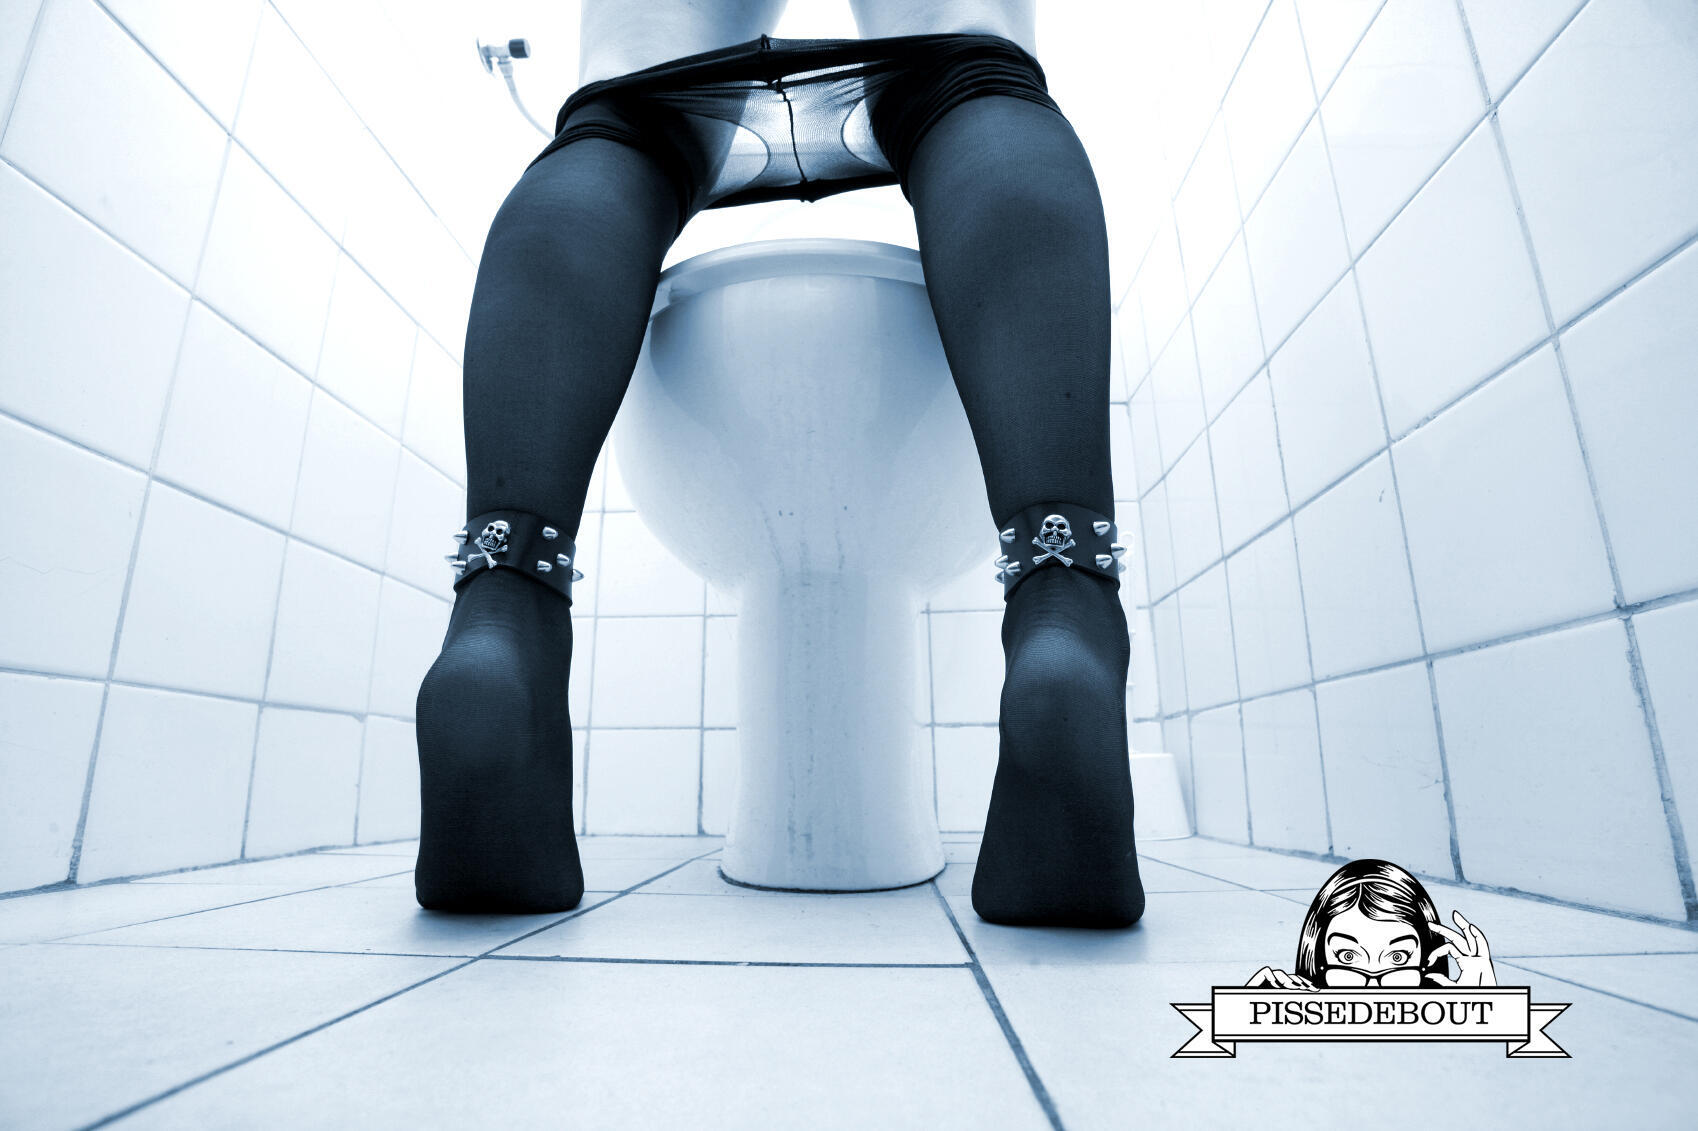 Com o urinol PISSEDEBOUT, mulheres podem fazer xixi em pé.